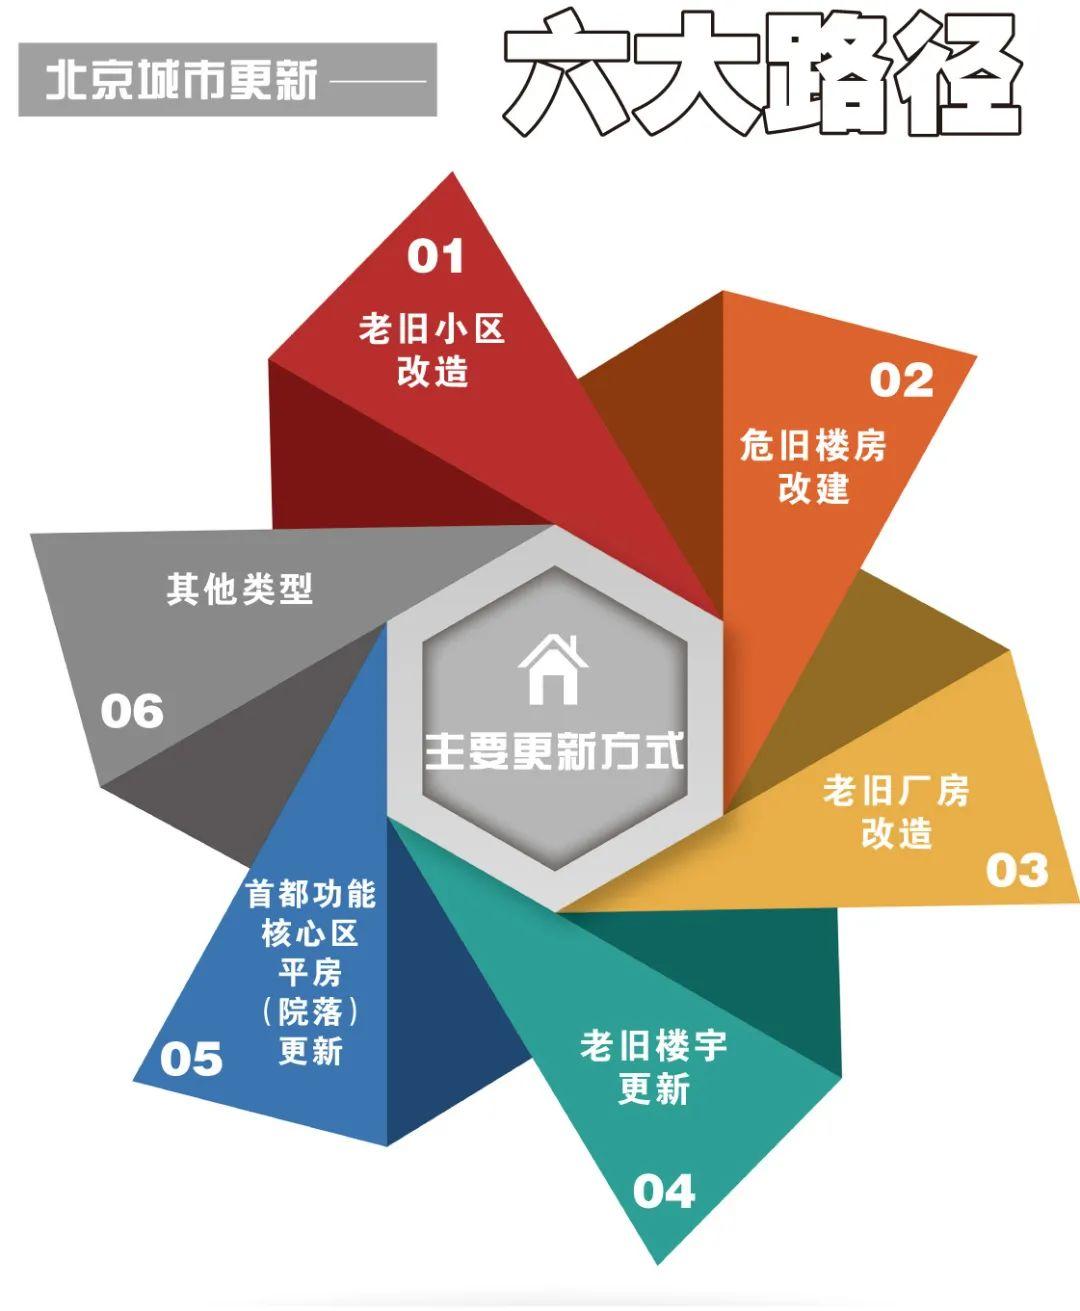 明晰六条更新路径 配套多项支持政策 北京实施城市更新行动政策详解